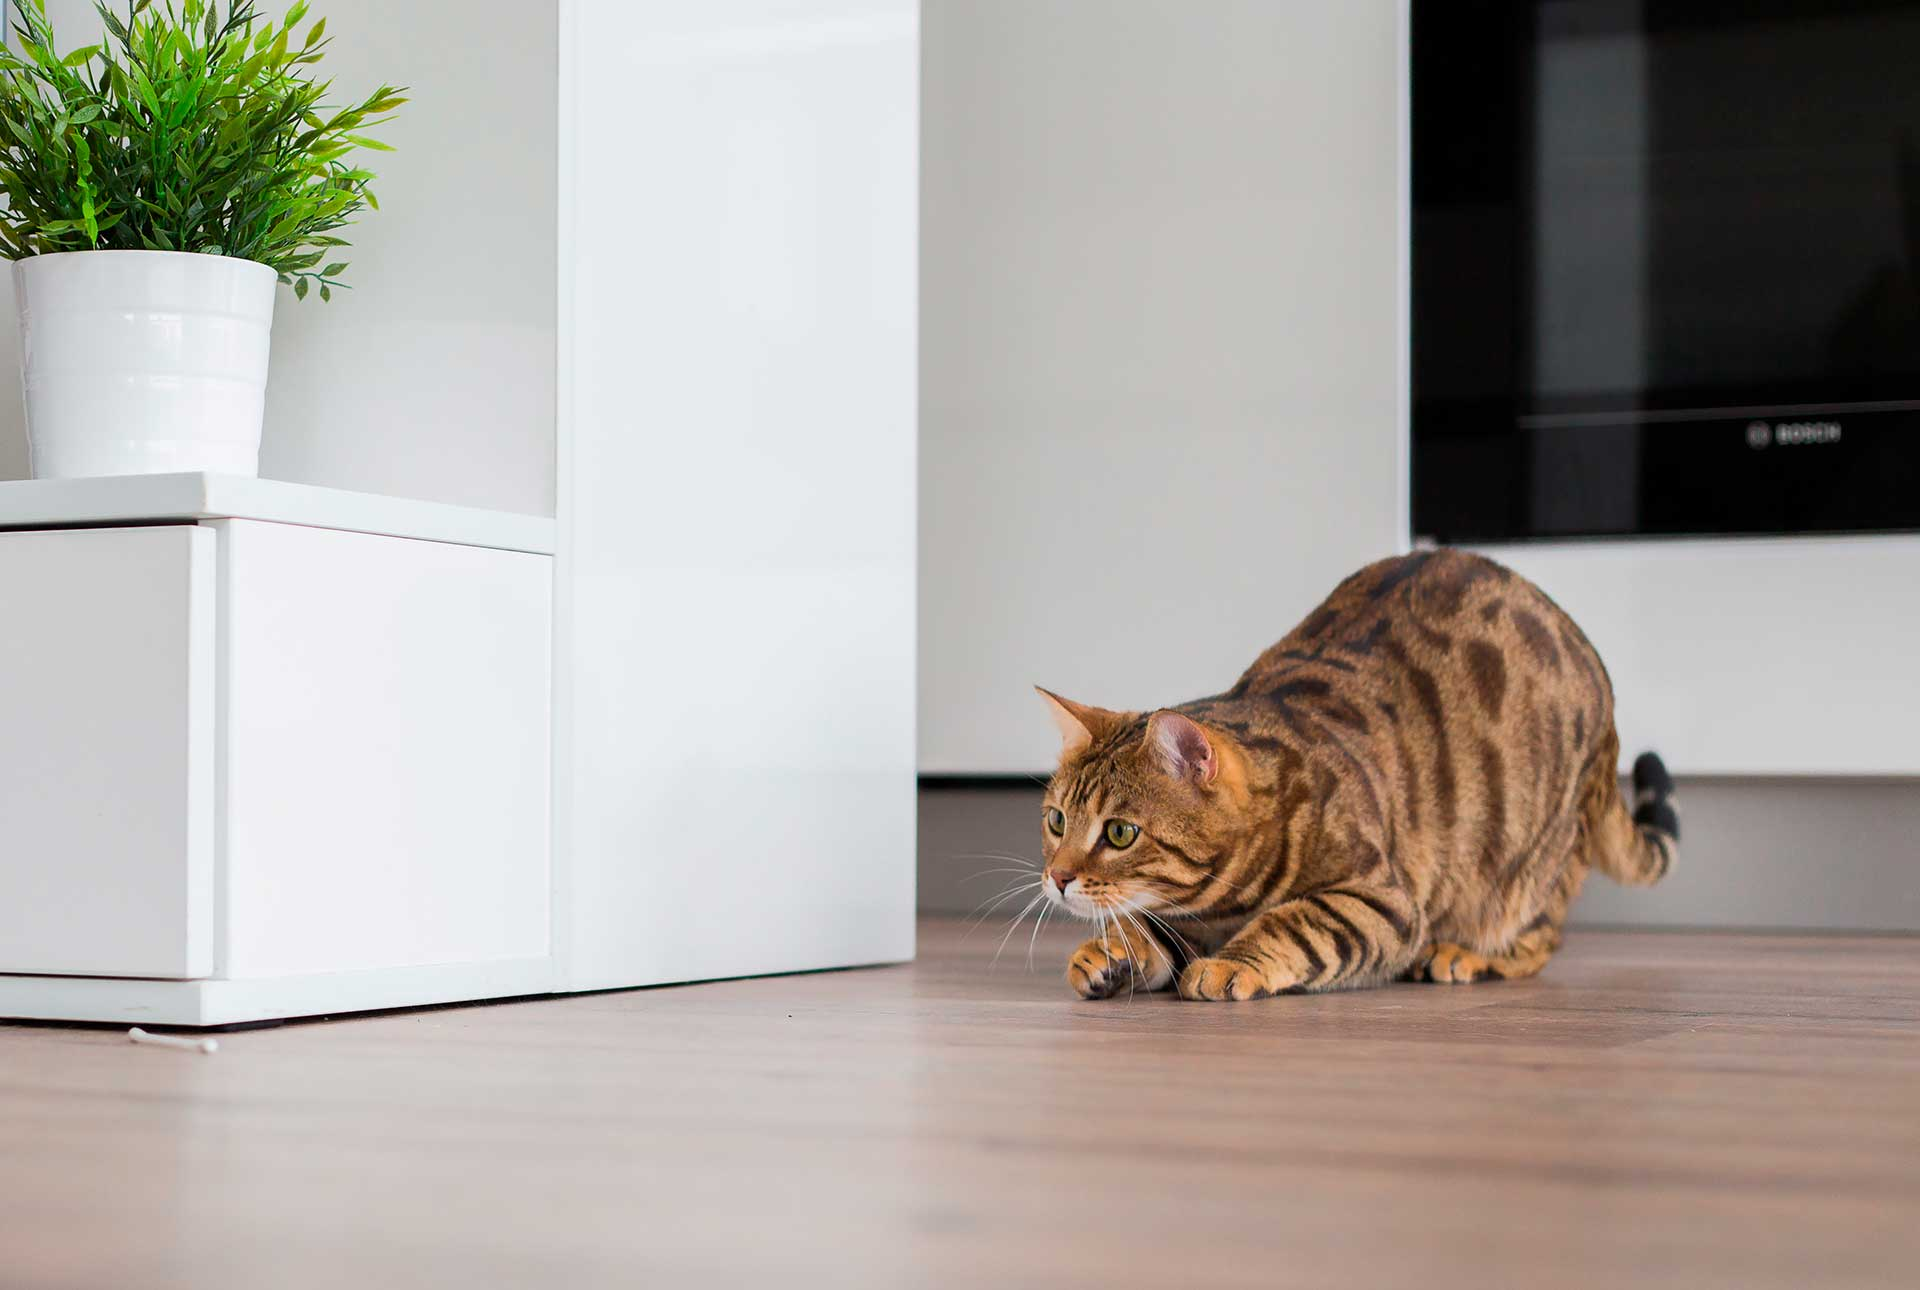 gato en posición de ataque